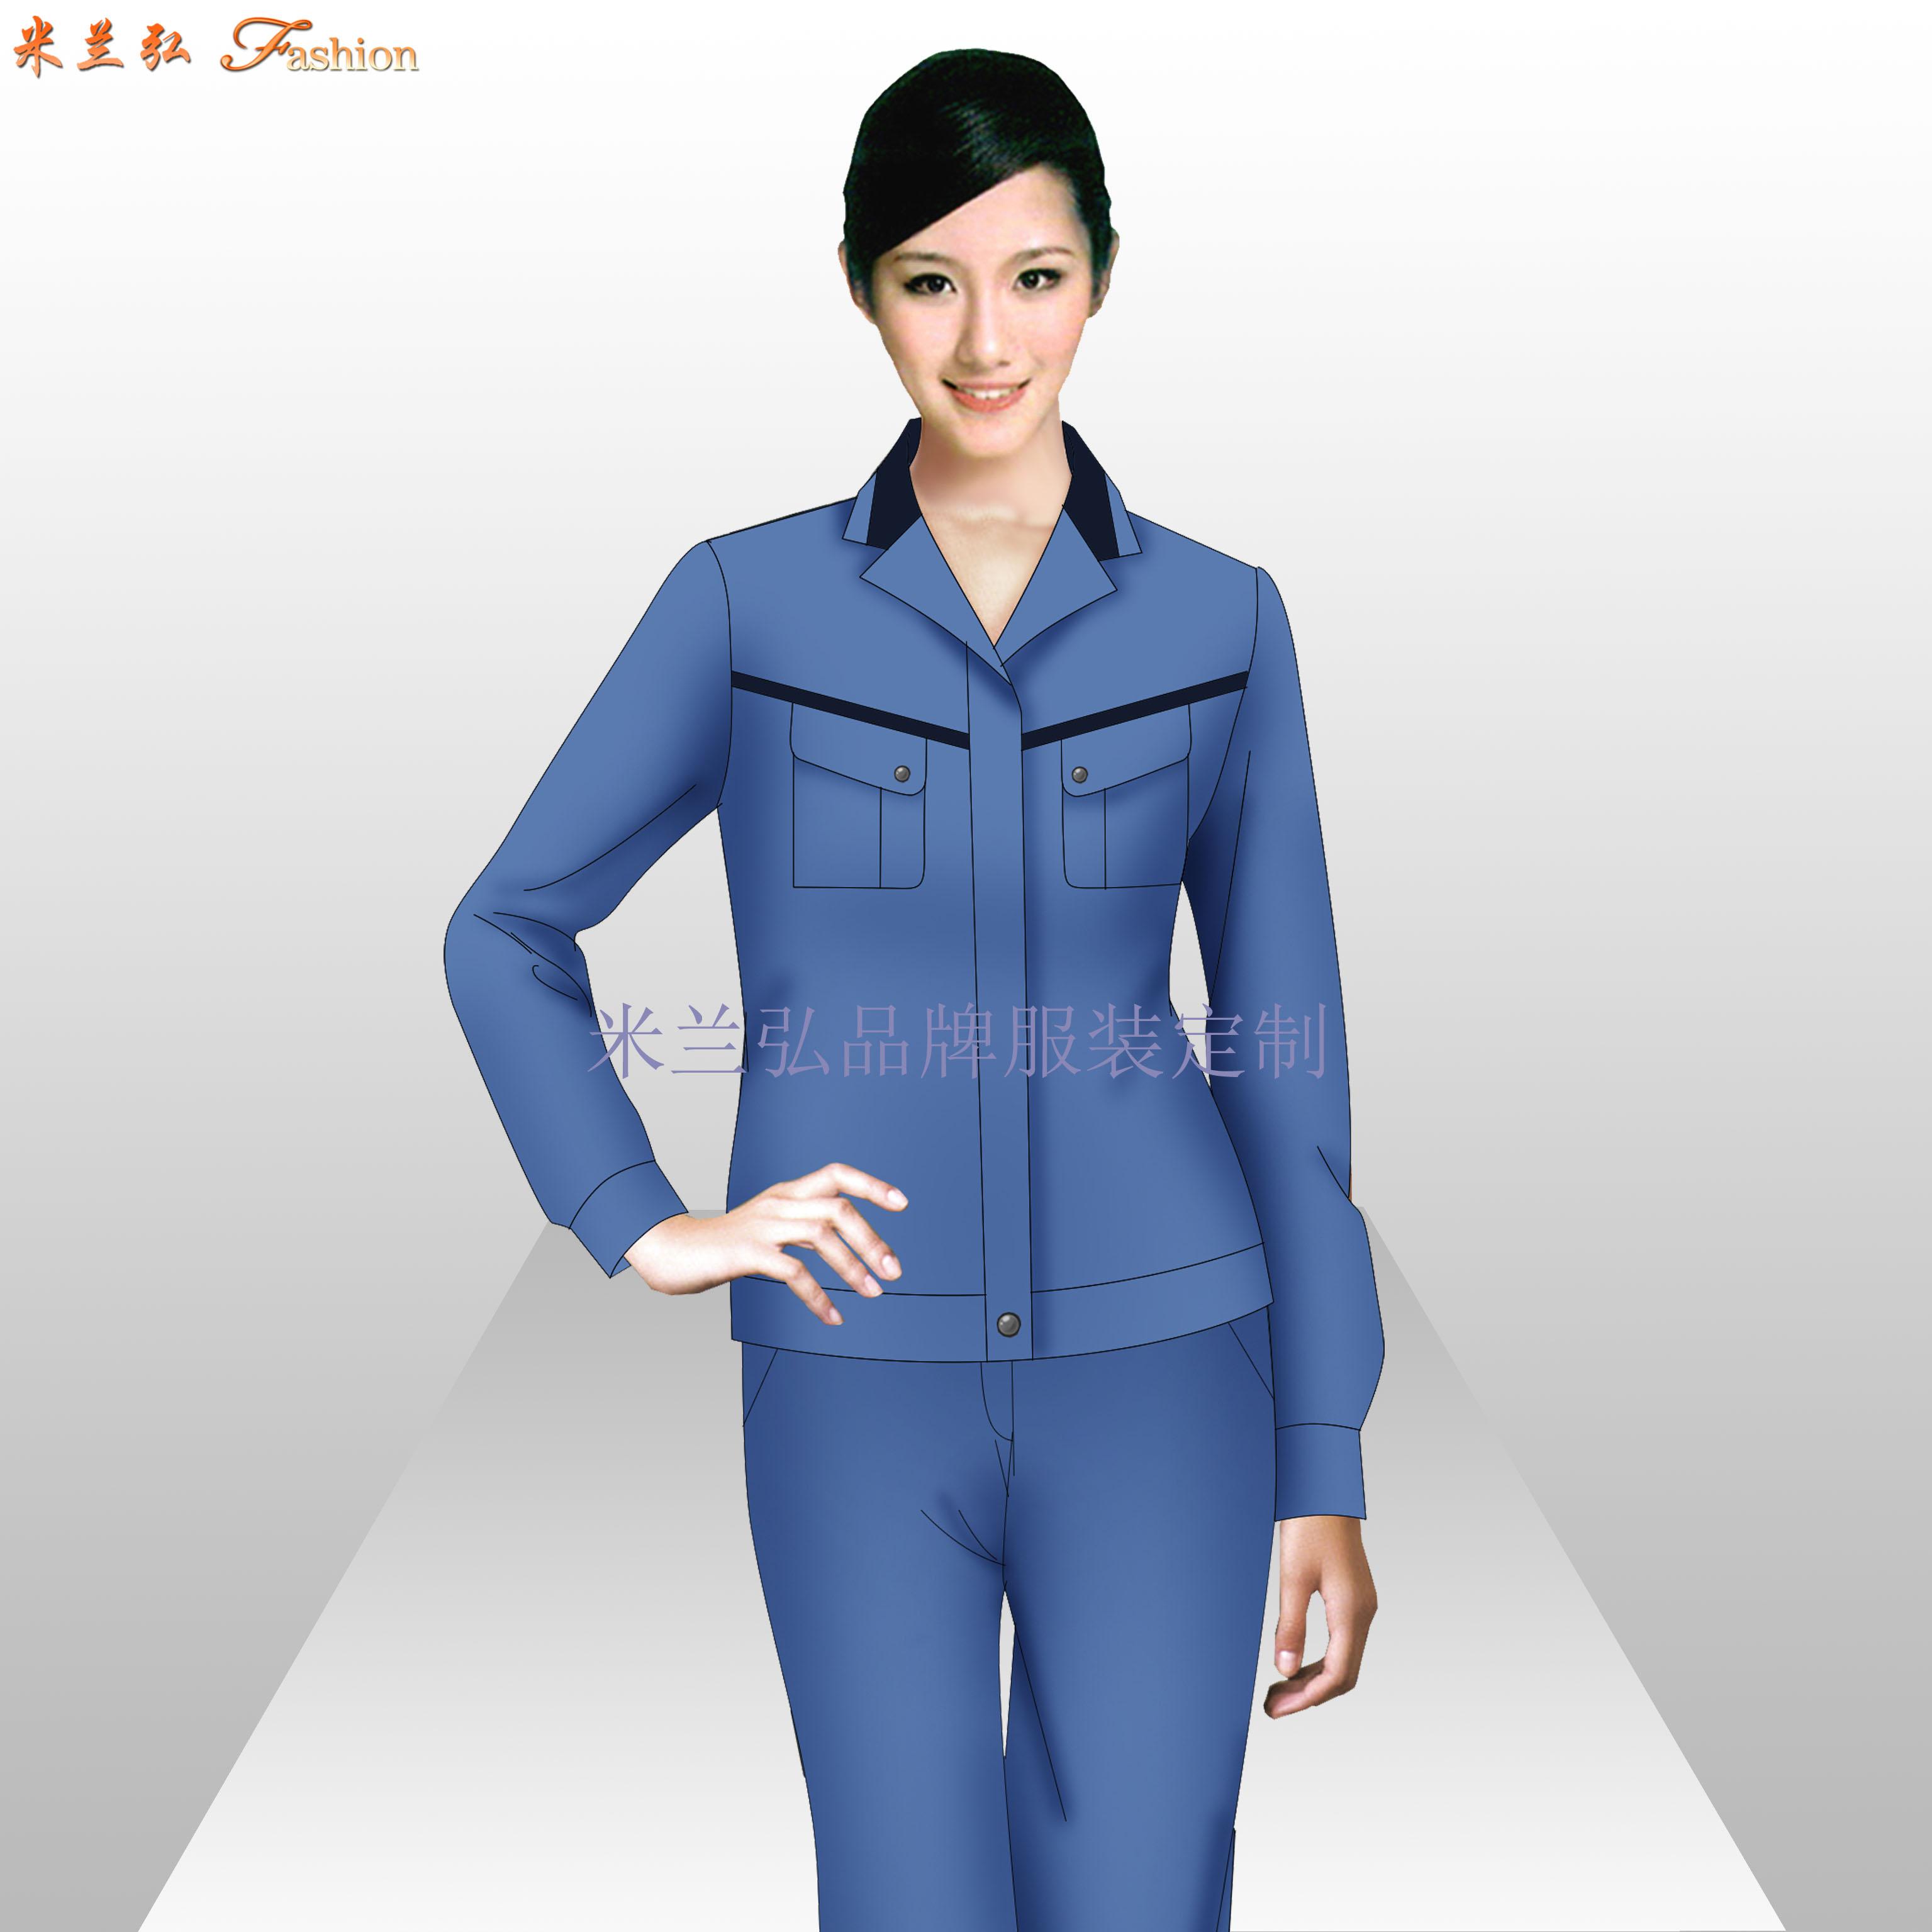 南通工作服廠家_工程服定做優惠價款式---米蘭弘服裝-3